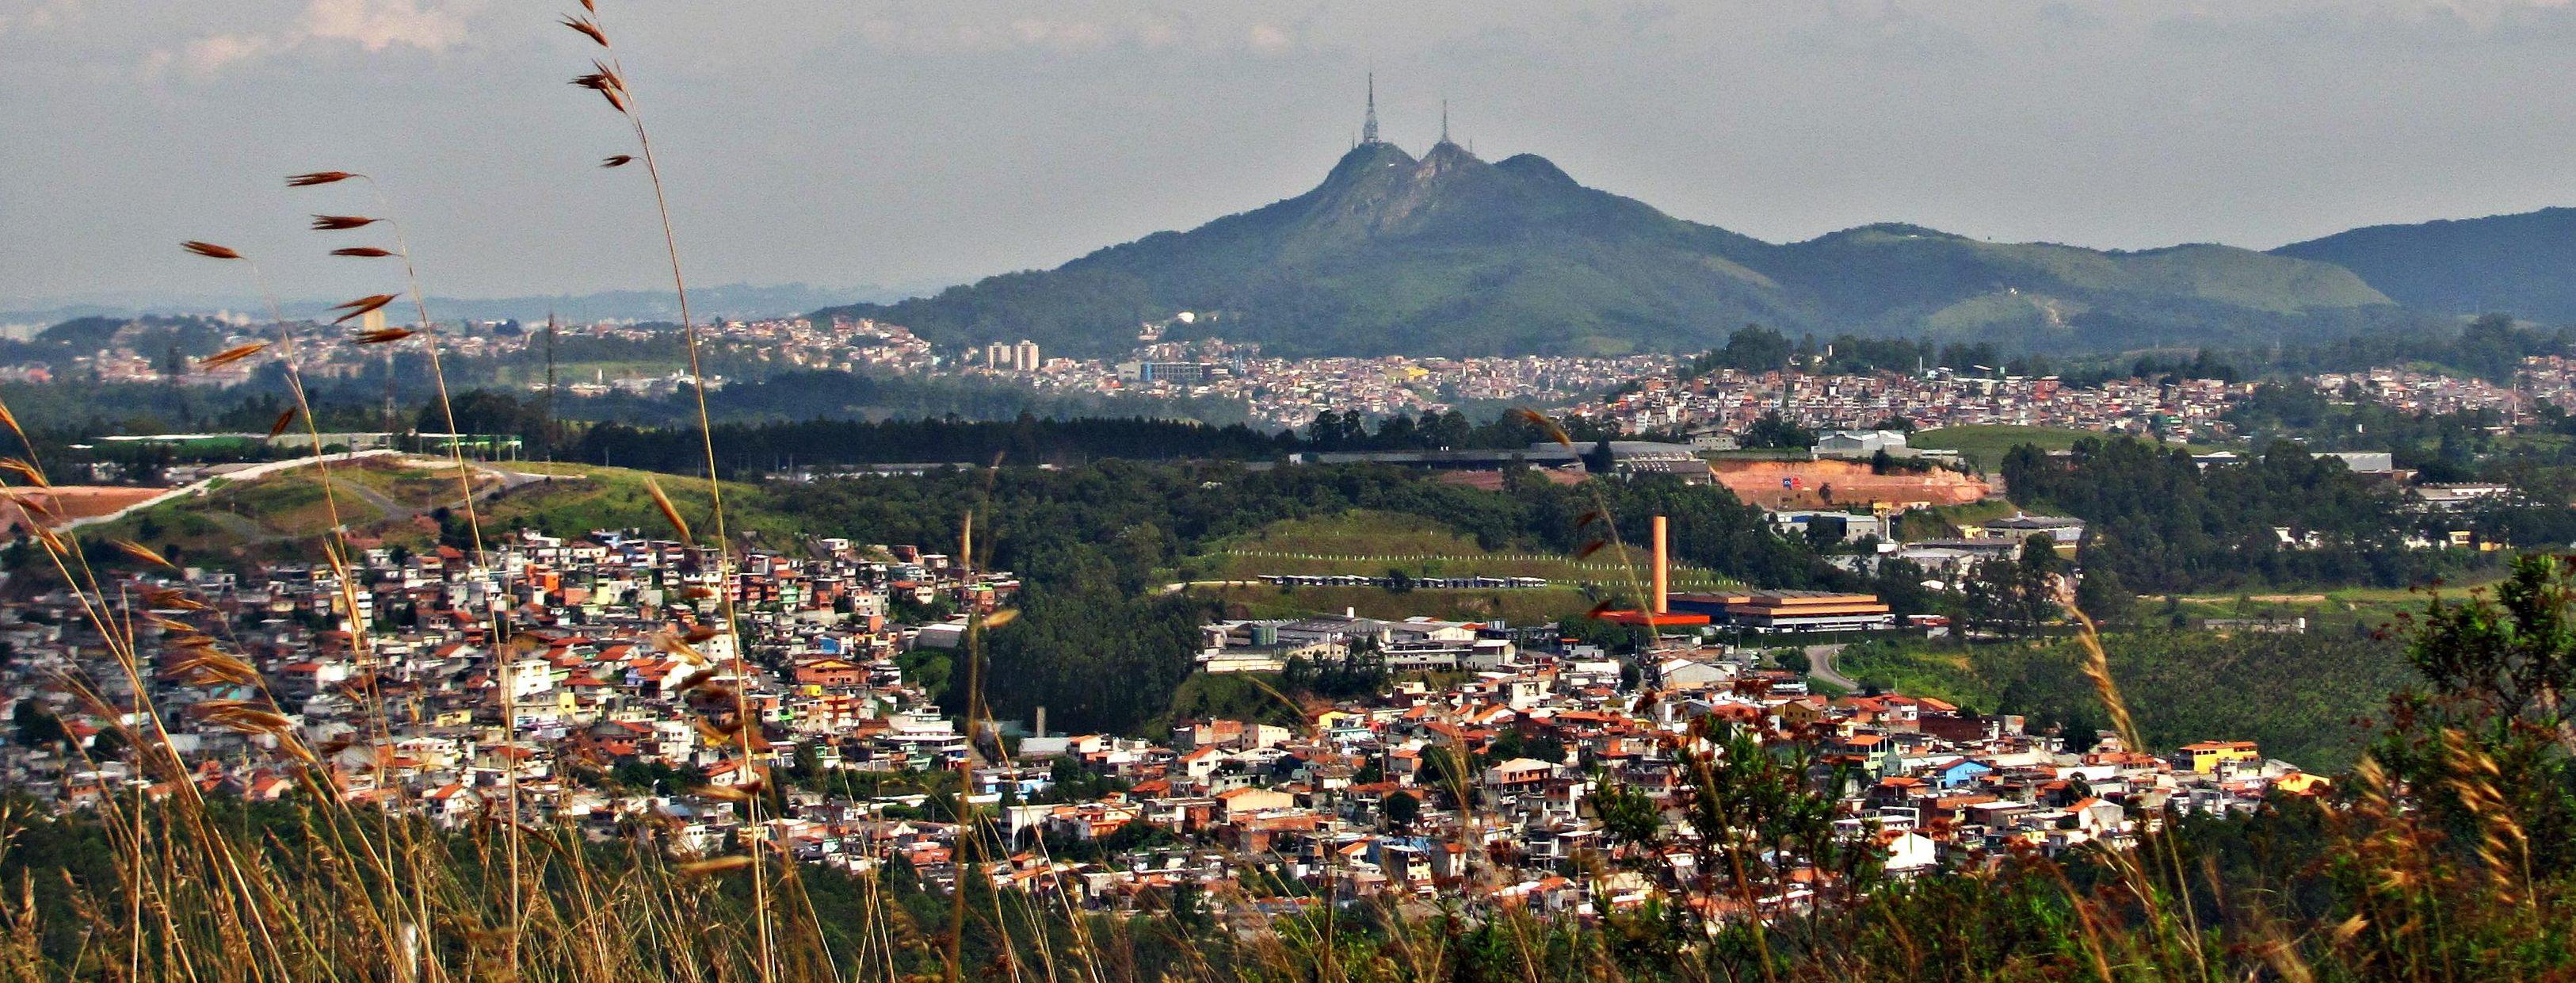 Caieiras São Paulo fonte: upload.wikimedia.org